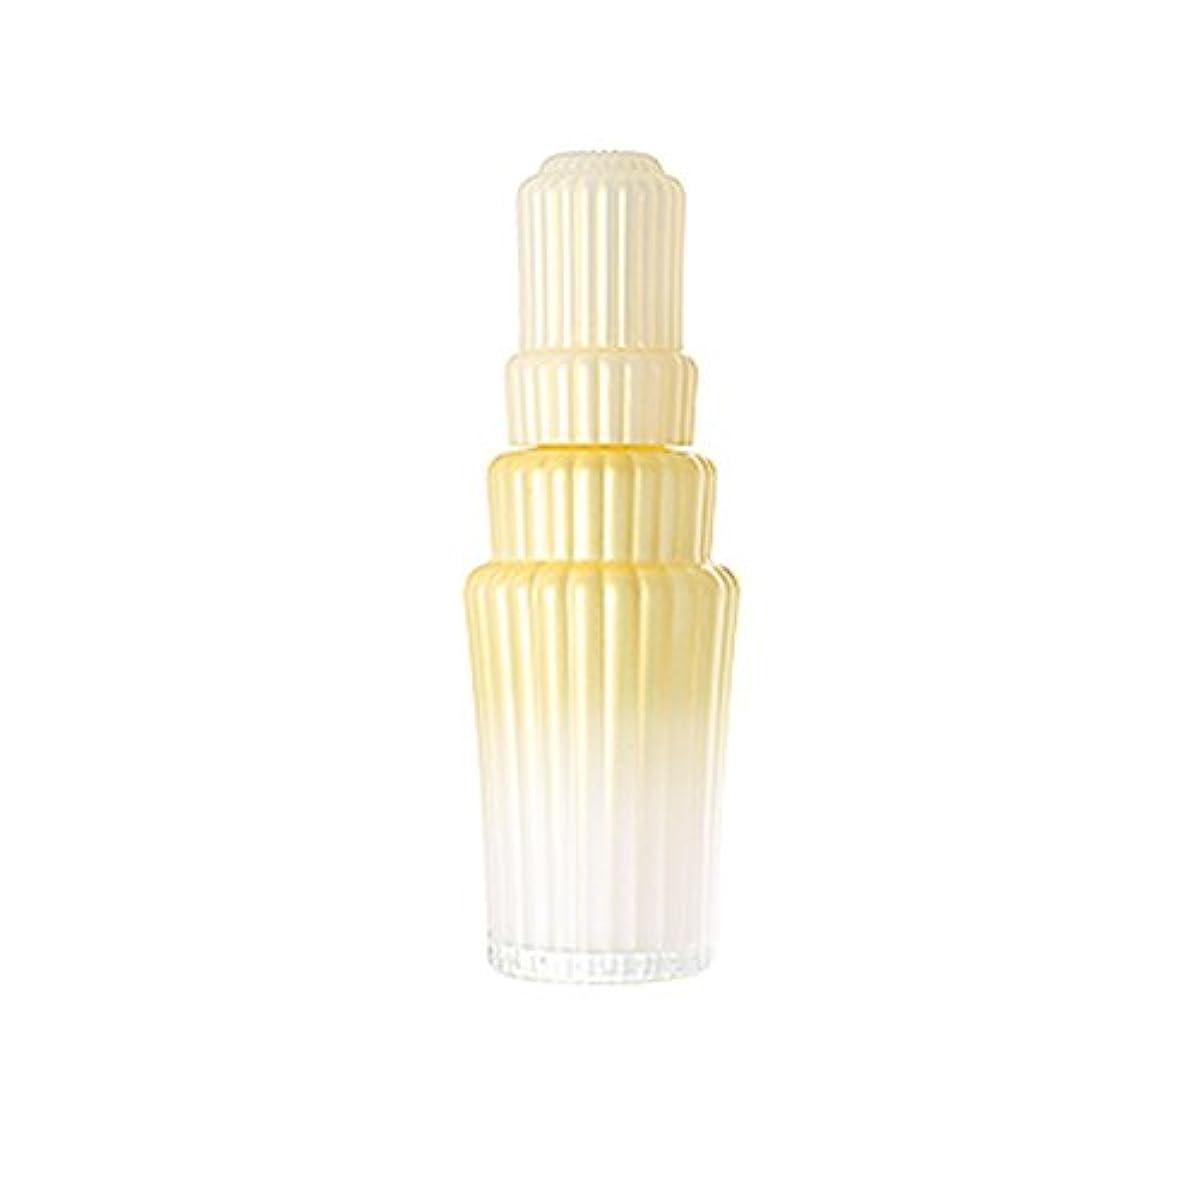 引き金多様性教義アユーラ (AYURA) モイスチャライジングプライマー コンビネーションドライ W (医薬部外品) 100mL 〈美白化粧液〉 混合乾燥ケア うるおい アロマティックハーブの香り